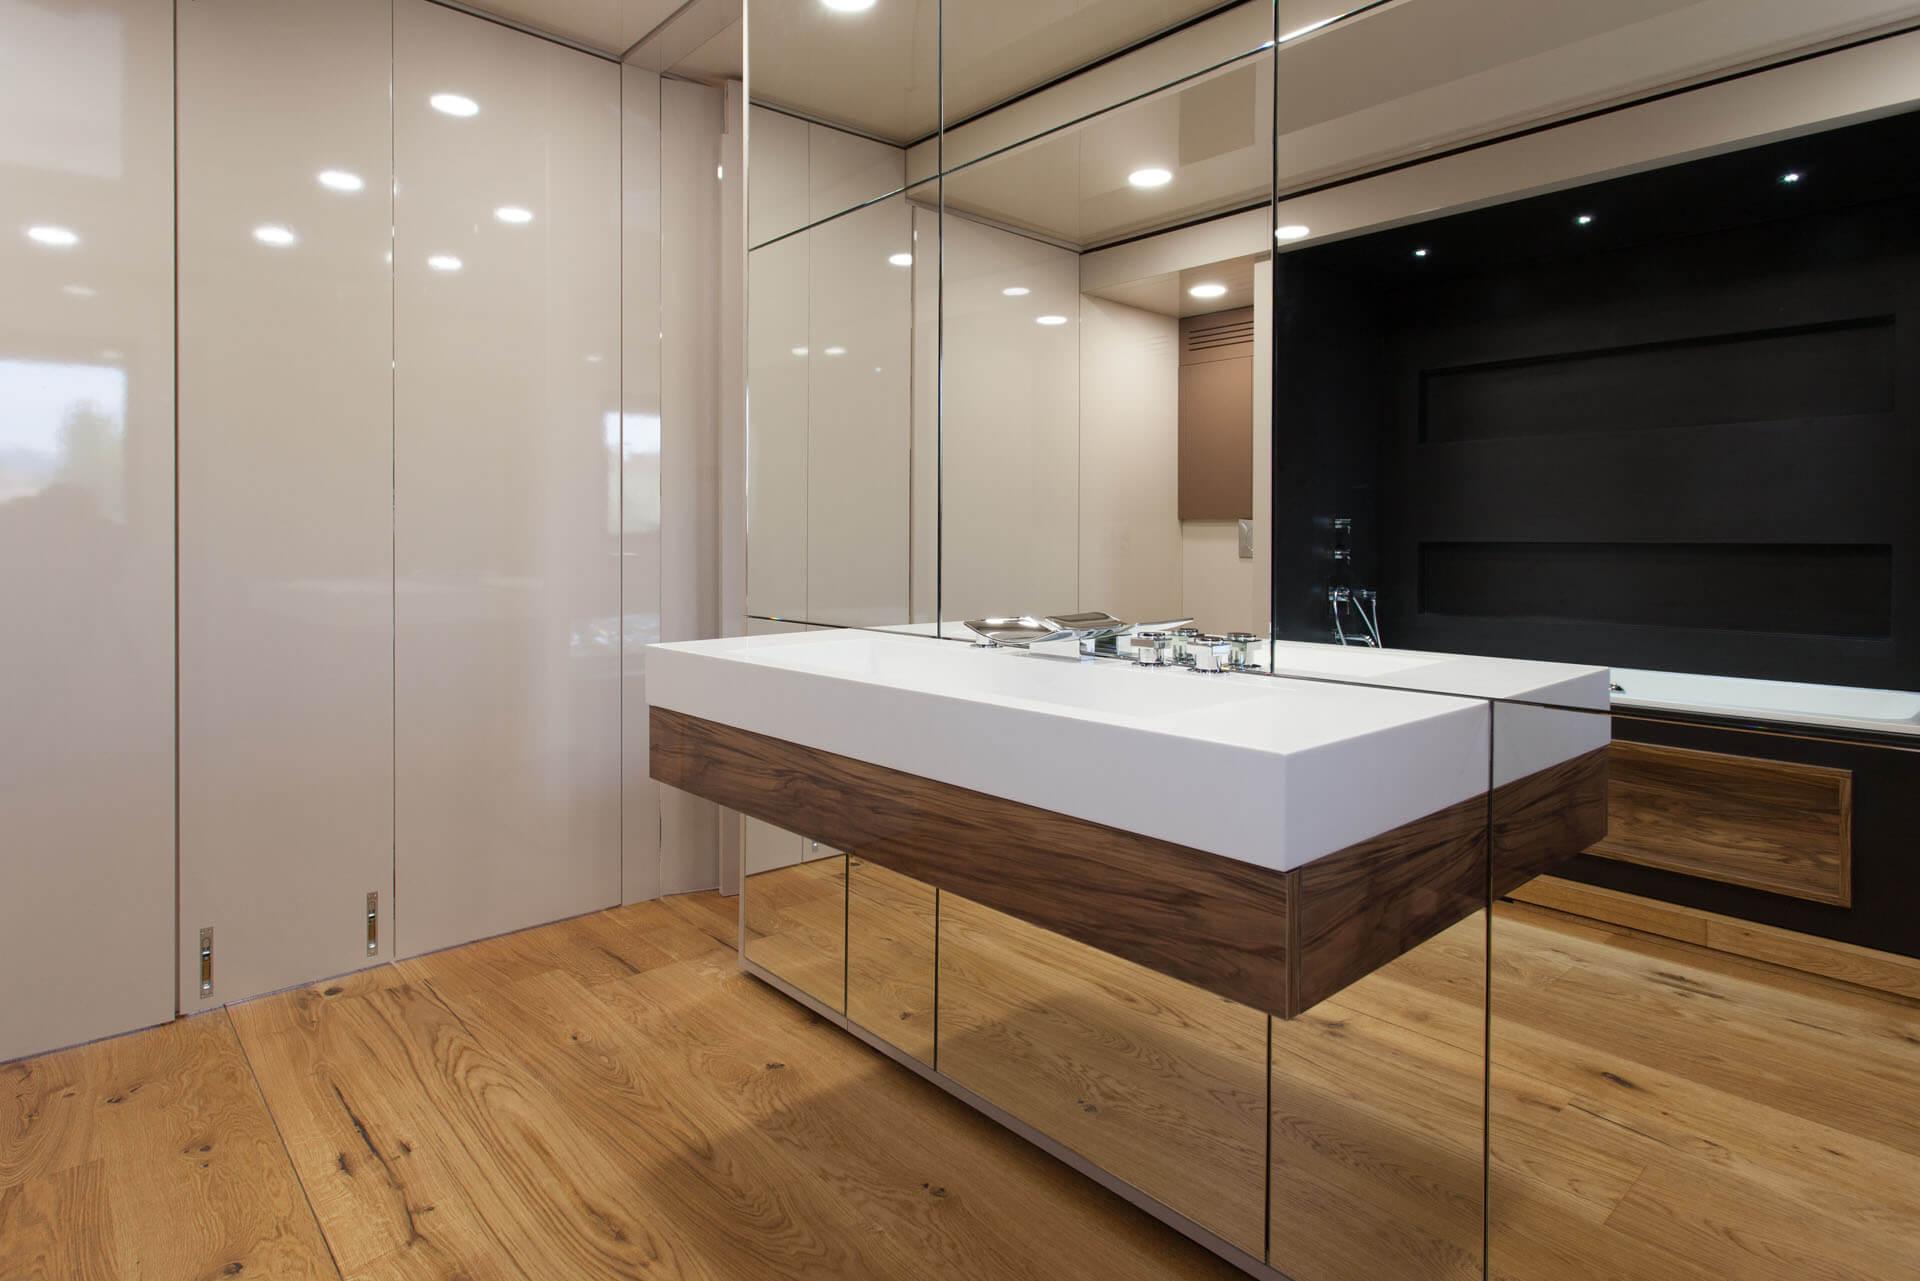 Chastagnier cr ation fabricants de meubles pont de l is re - Createur de salle de bain ...